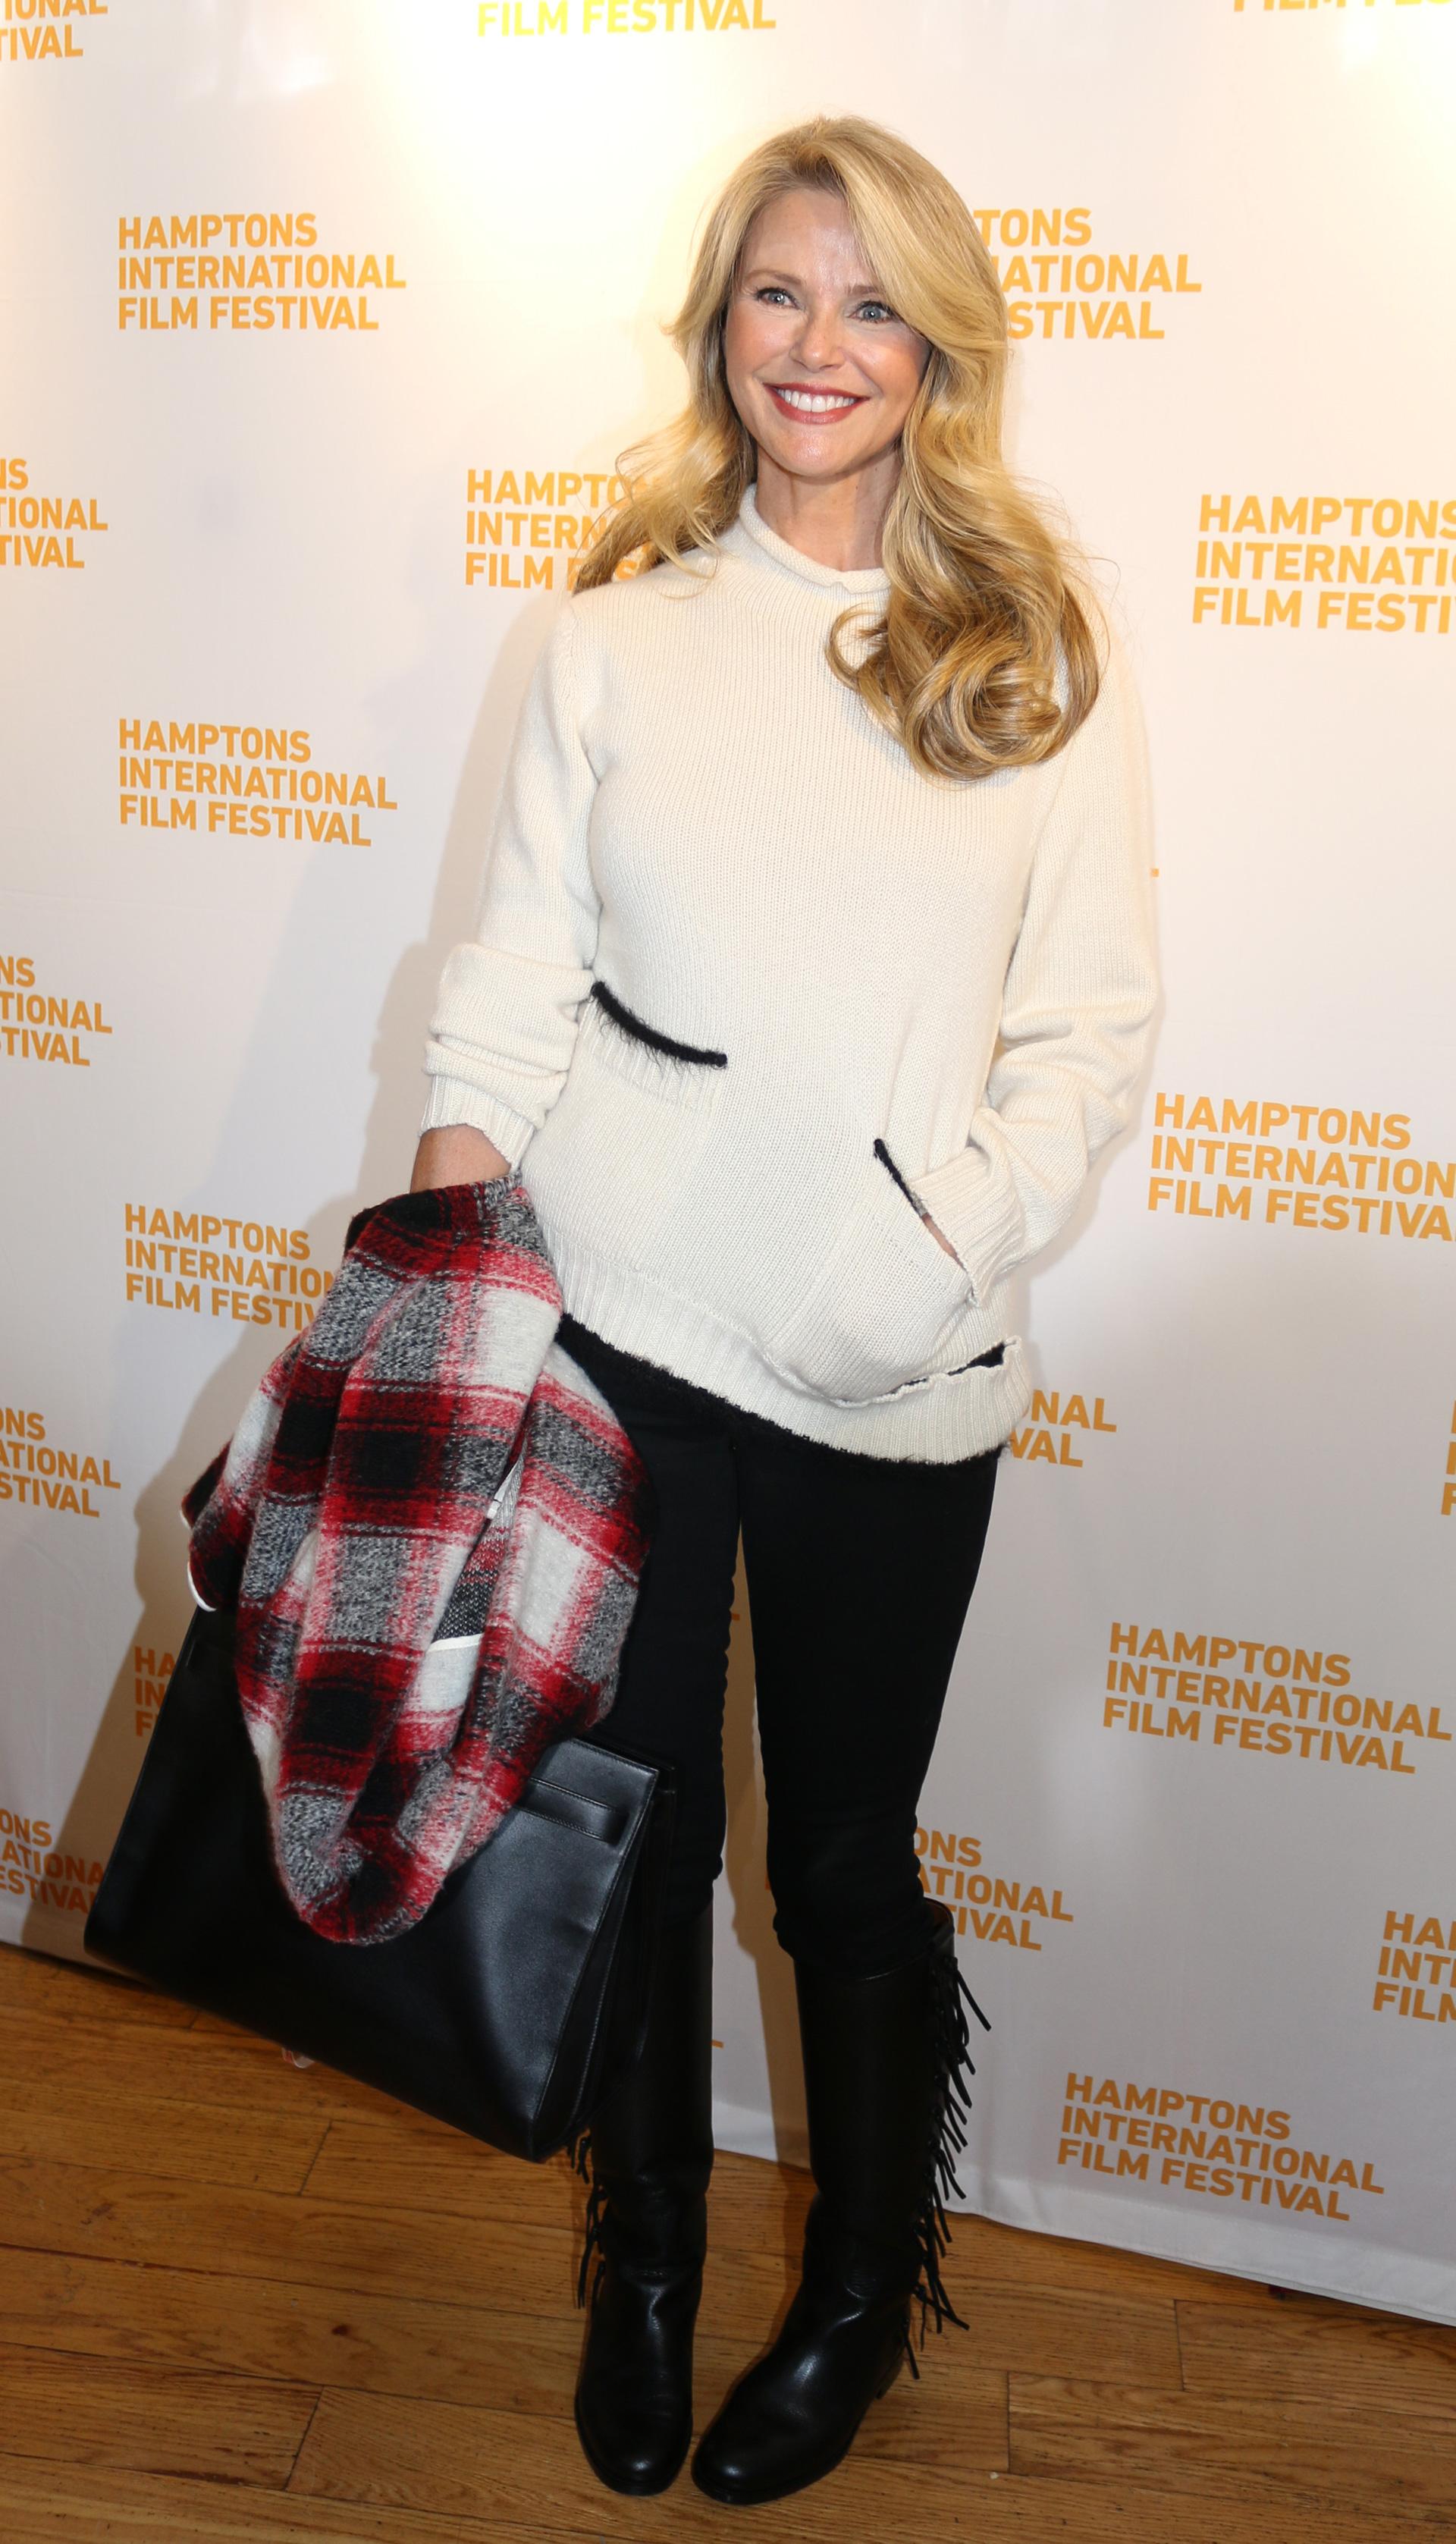 Why we're obsessed: Christie Brinkley